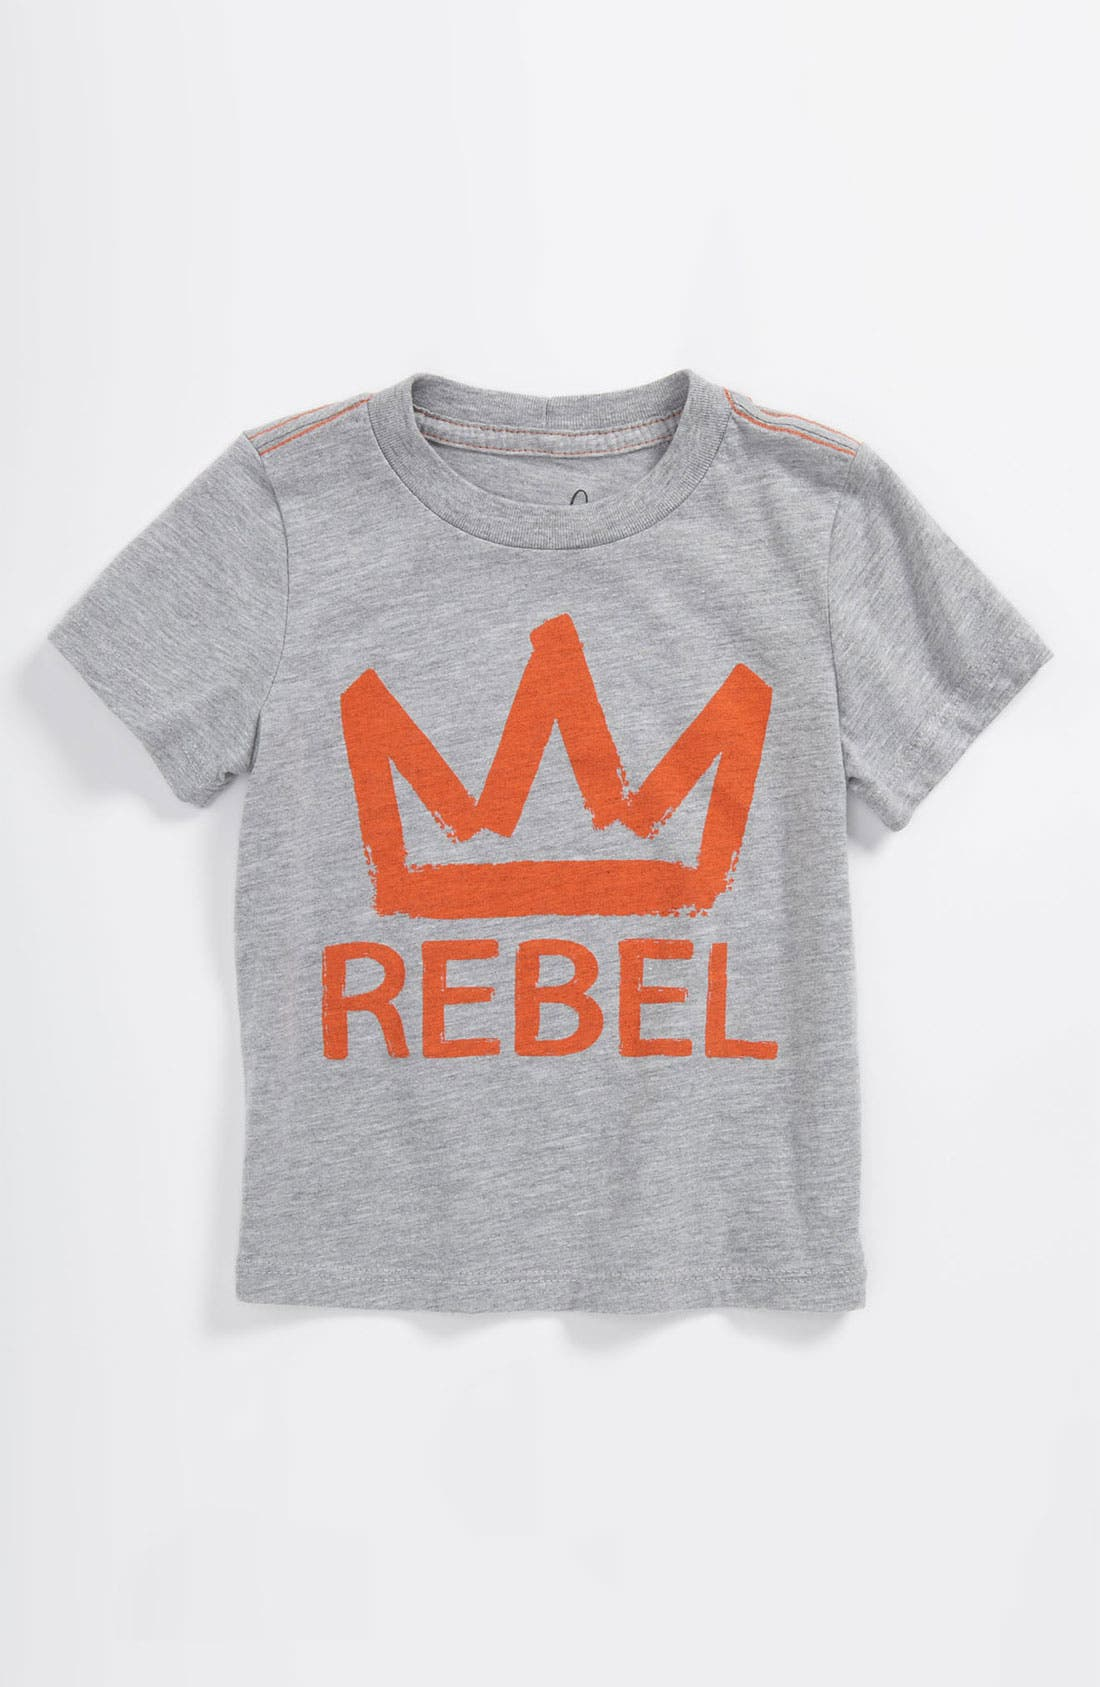 Alternate Image 1 Selected - Peek 'Rebel' Tee (Baby)